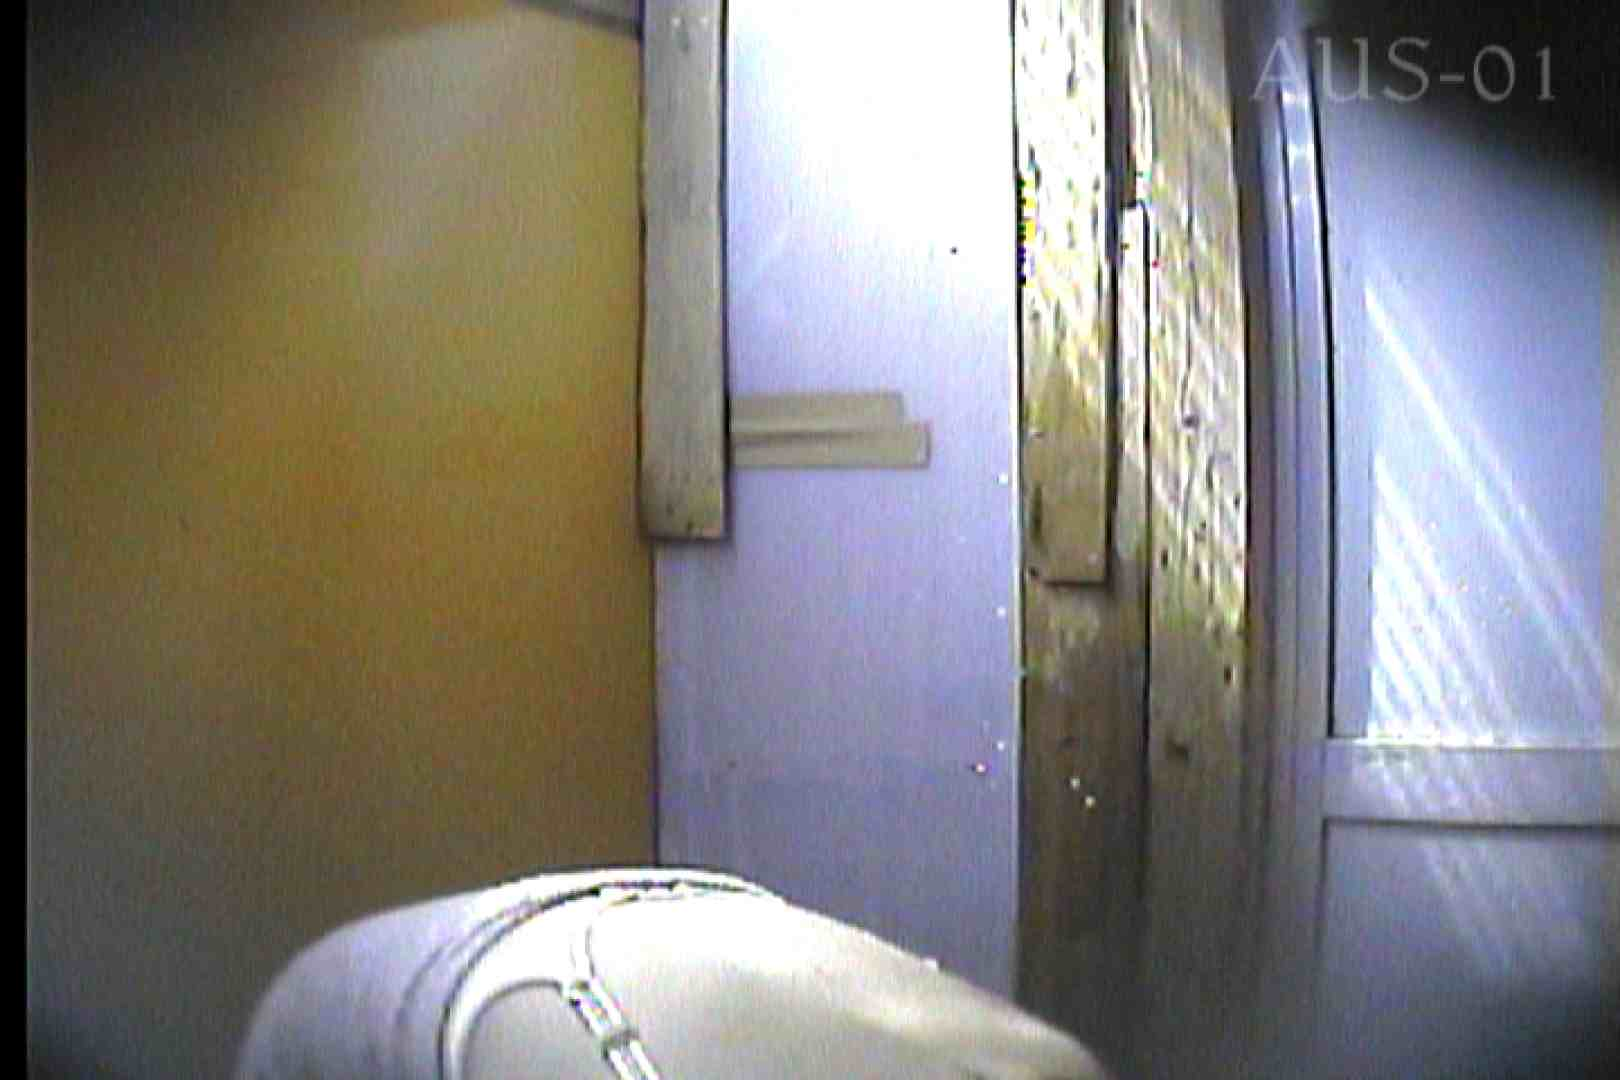 海の家の更衣室 Vol.03 エッチなOL 隠し撮りオマンコ動画紹介 93枚 68